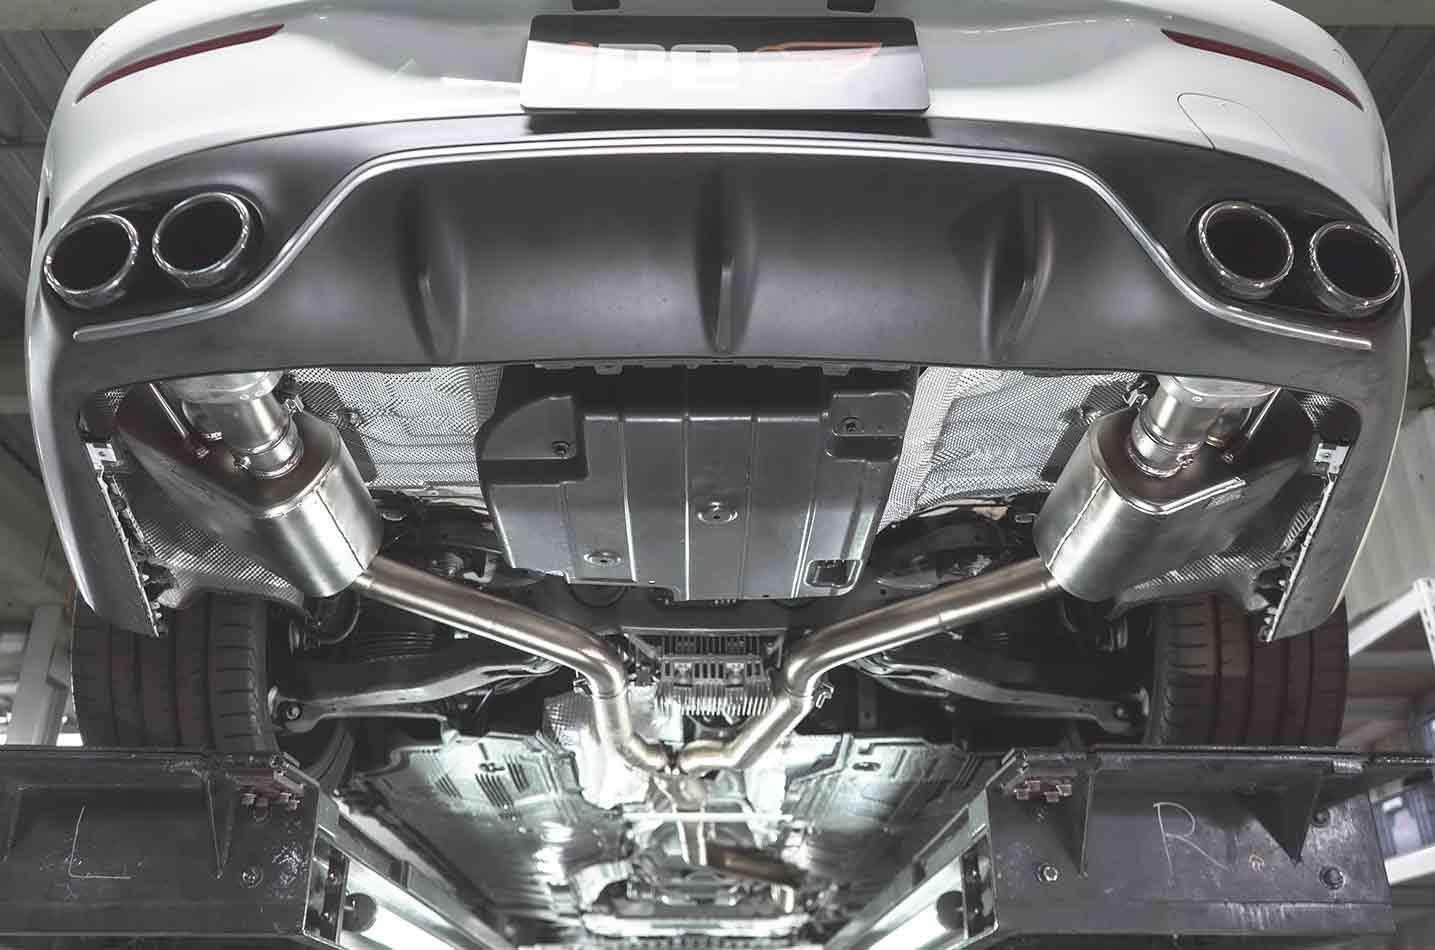 IPE exhaust system for Mercedes-Benz E43/E400/E450(C238)